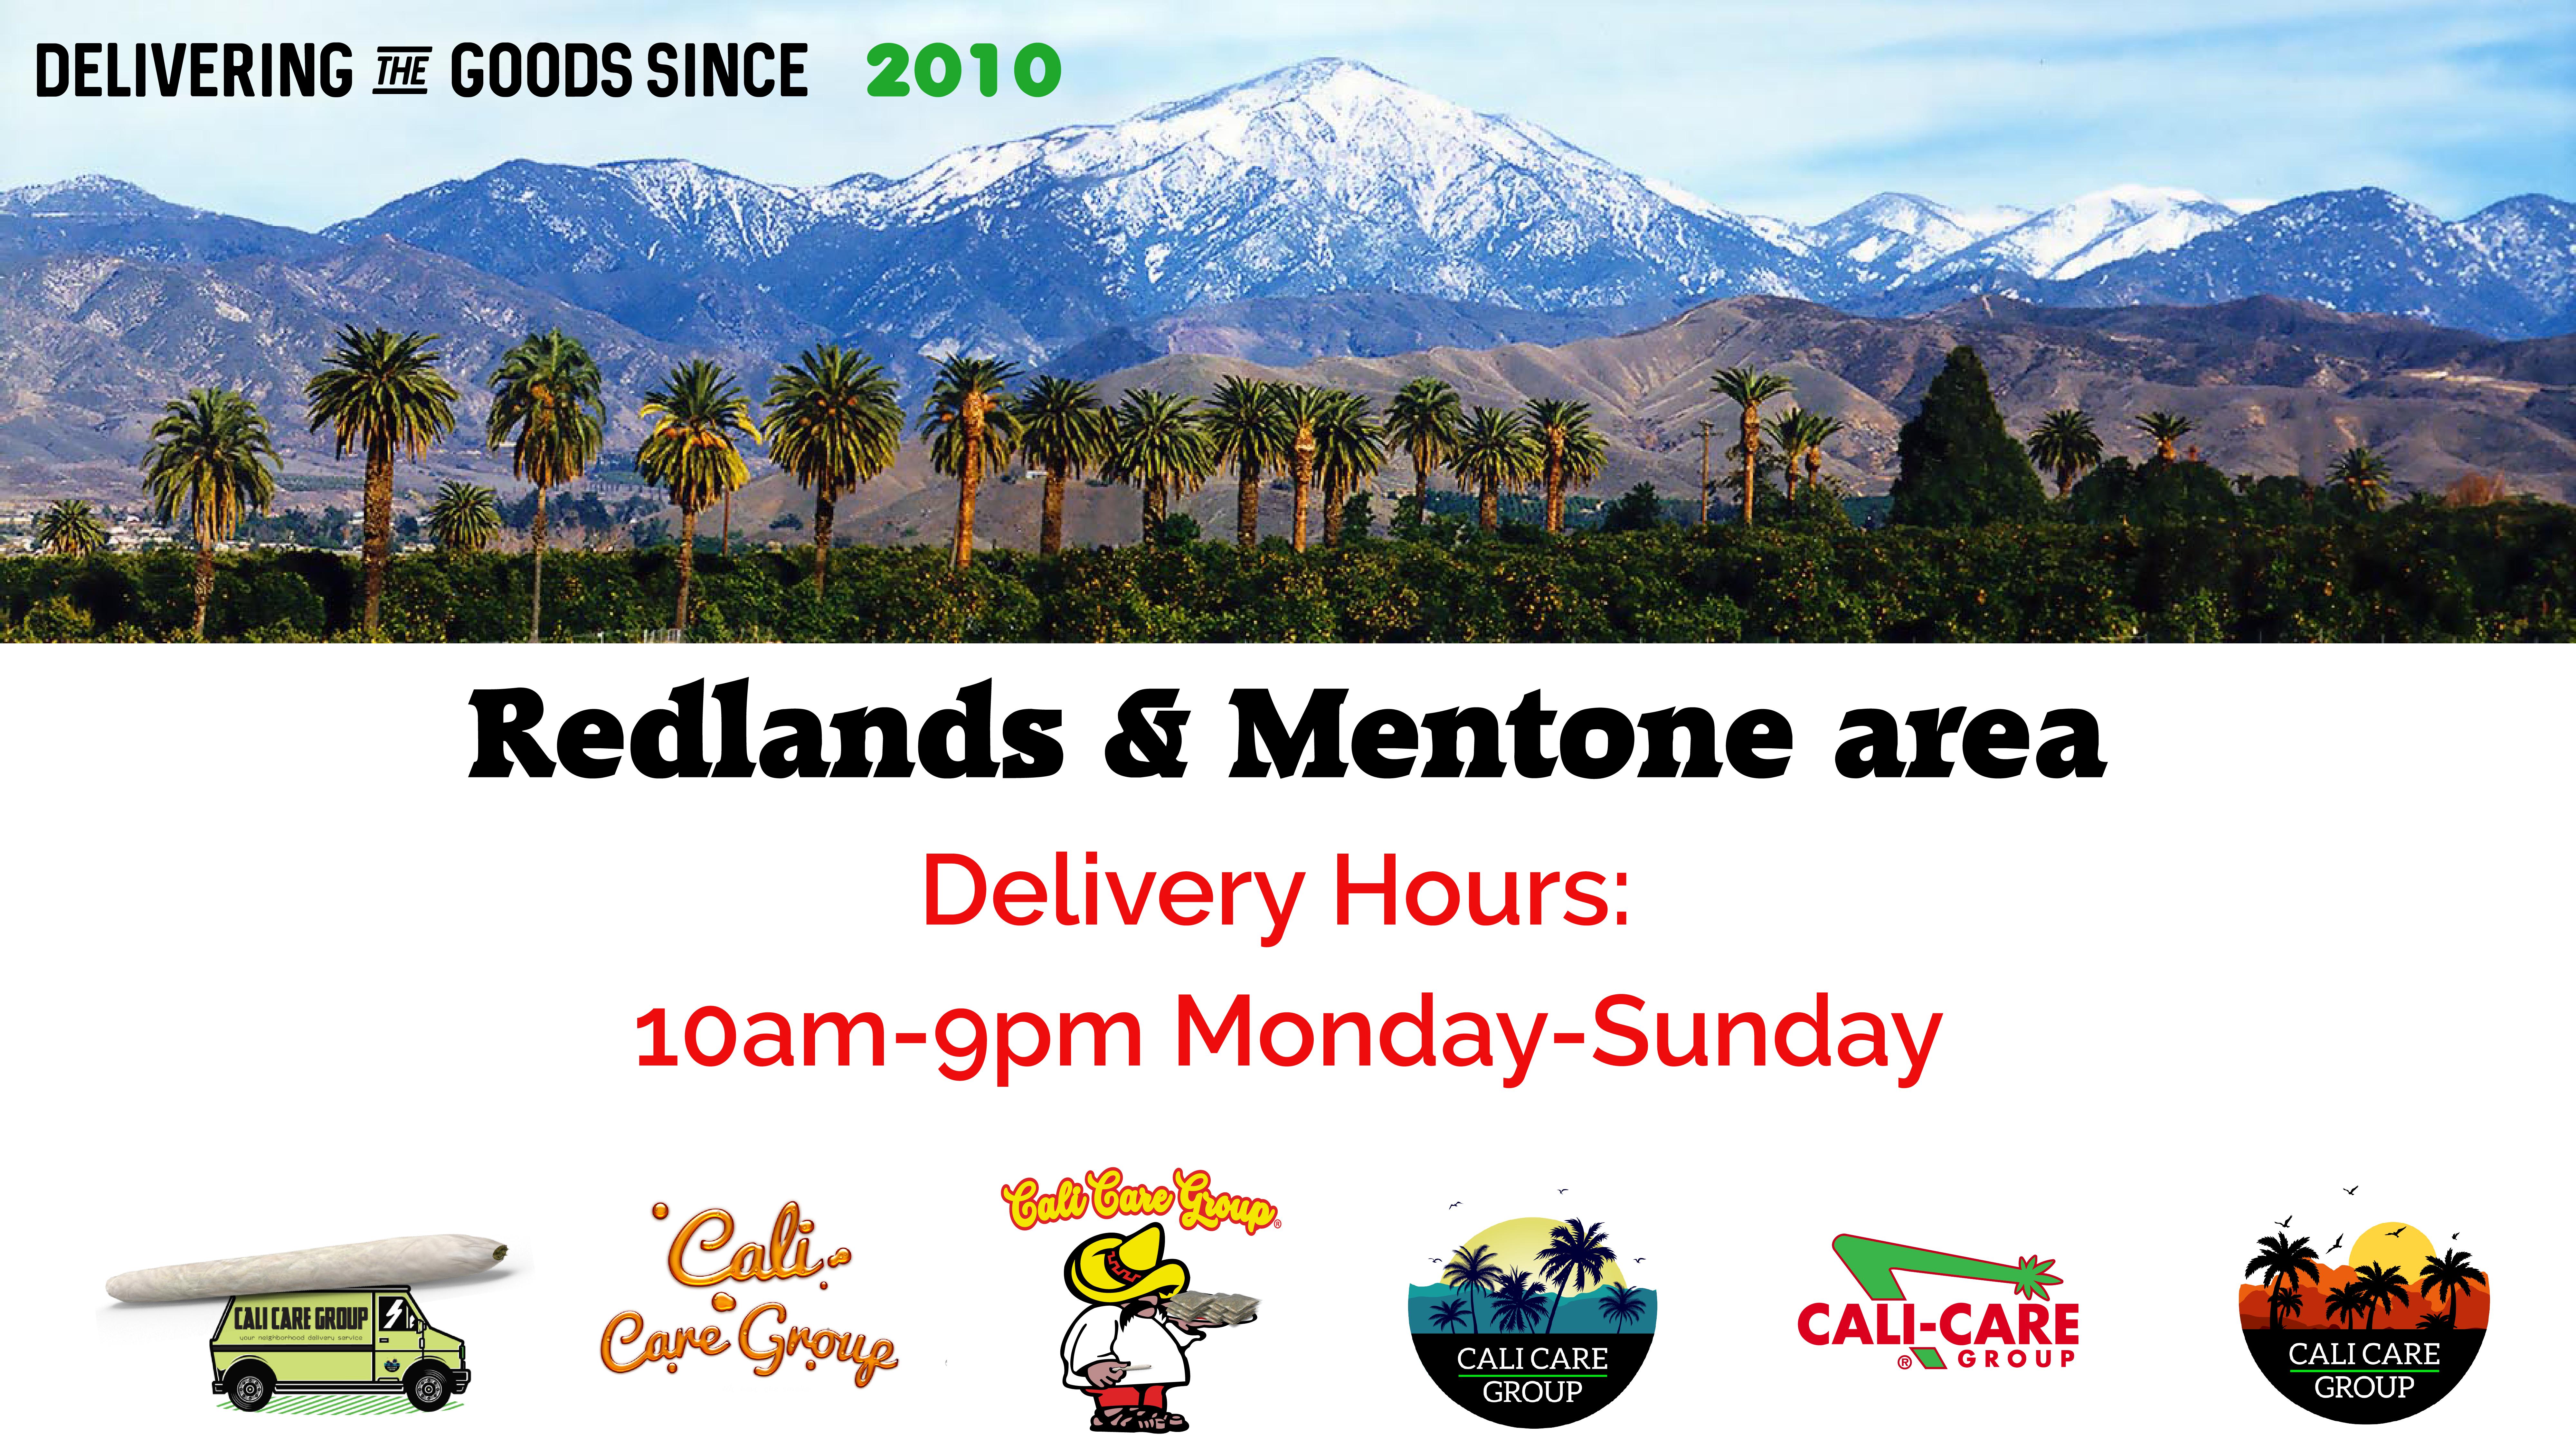 ccg-redlands-mentone-menu2.png